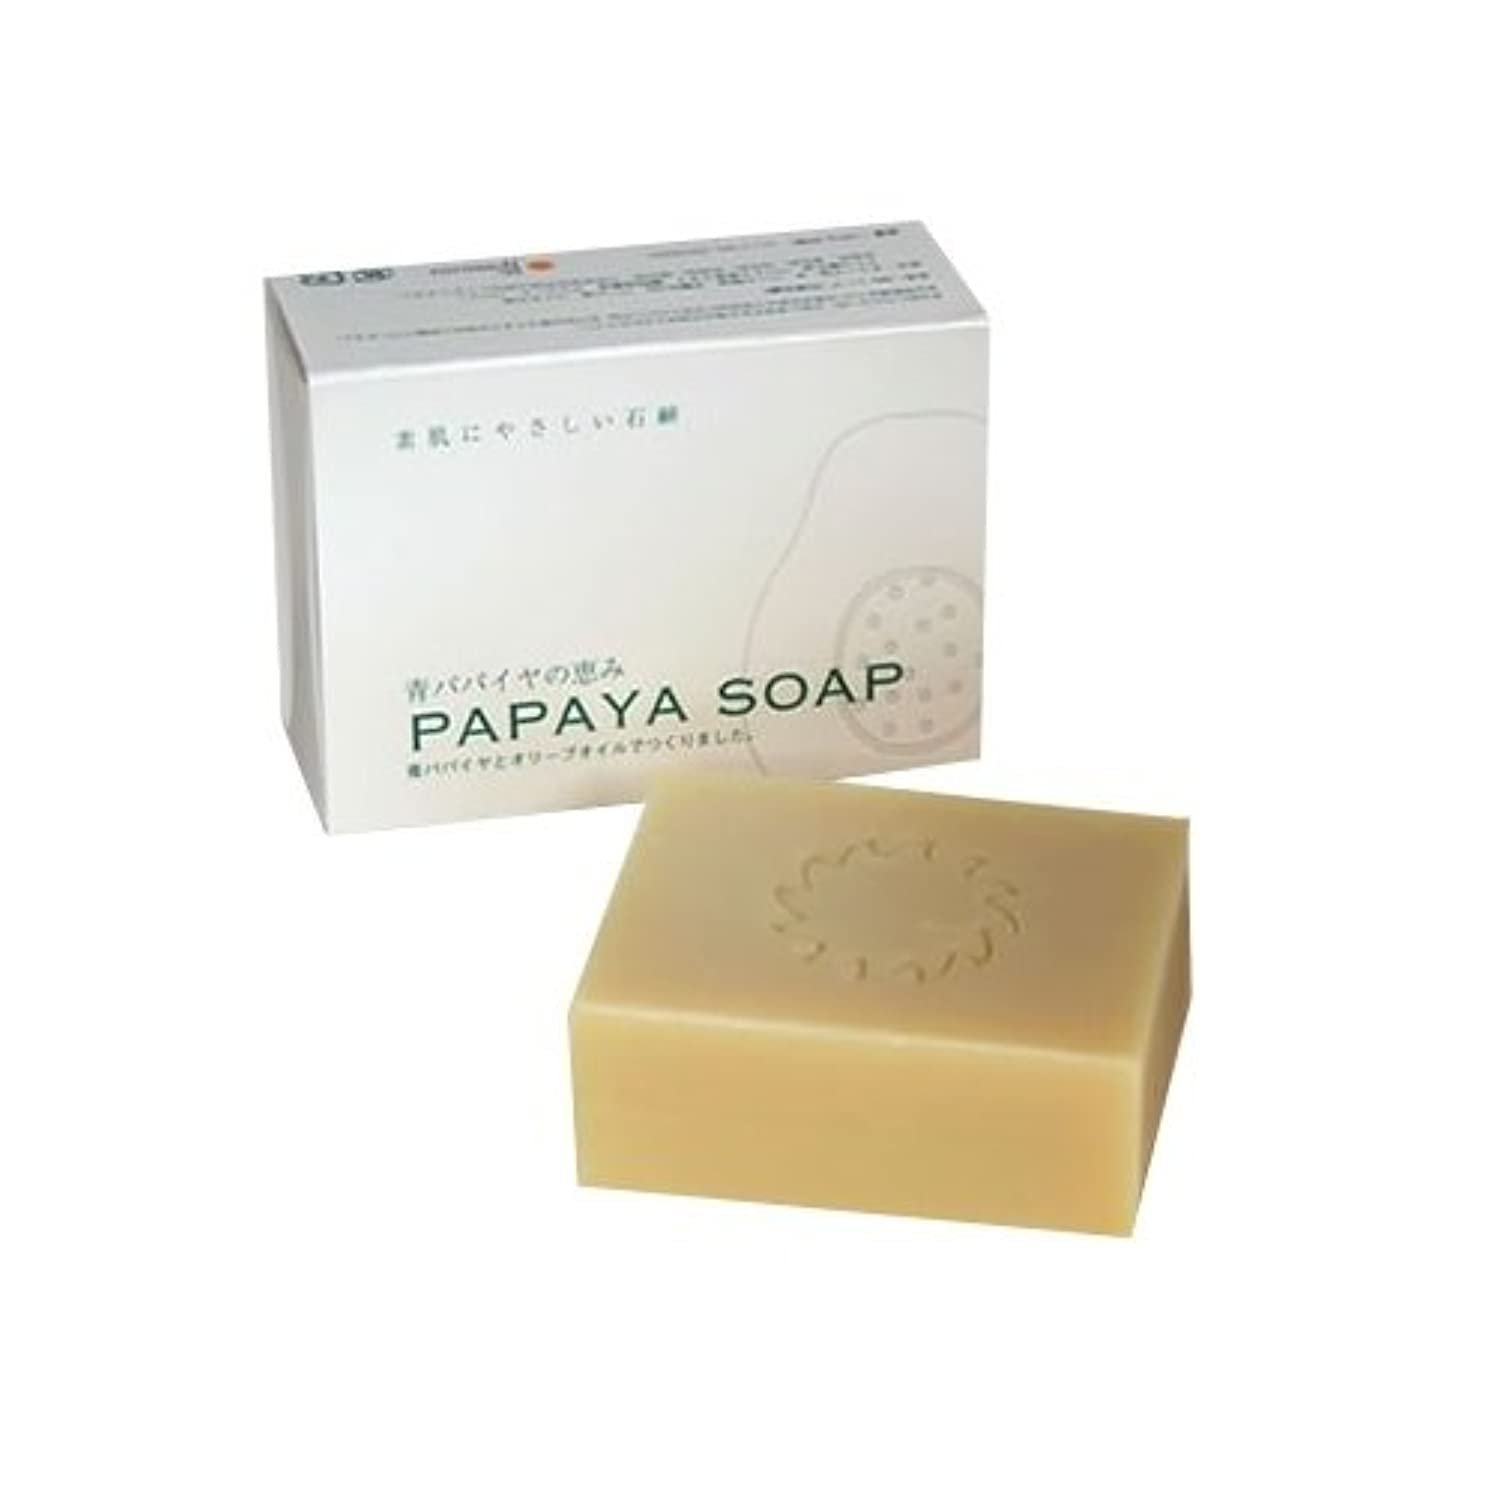 カーペットブランクエレメンタル青パパイヤの恵み PAPAYA SOAP(パパイヤソープ) 100g